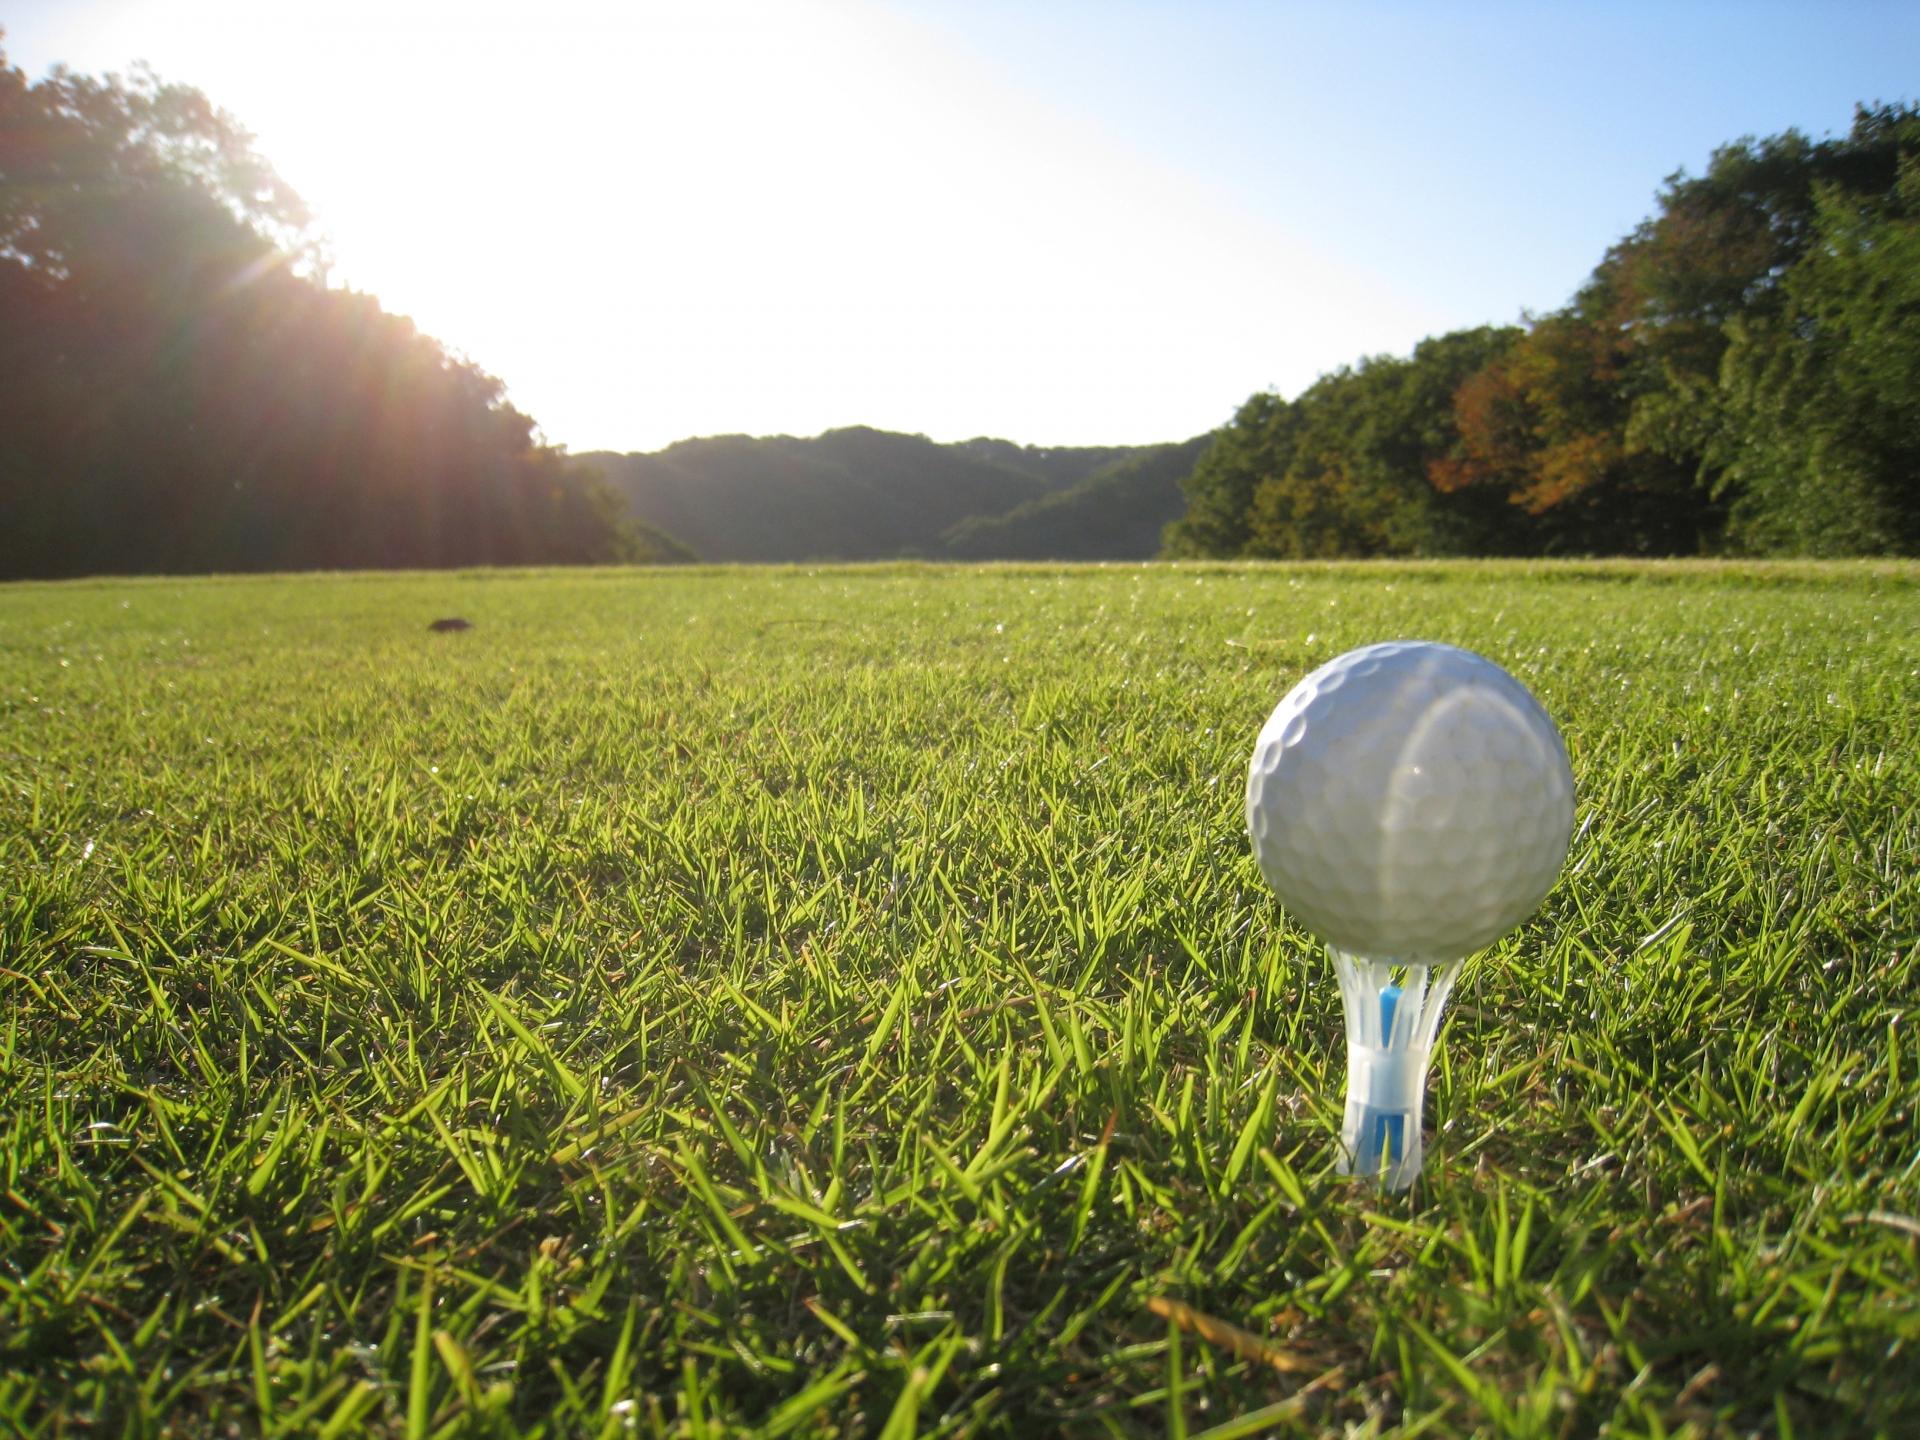 ゴルフボール買取 高く売れるベスト2はこのボール